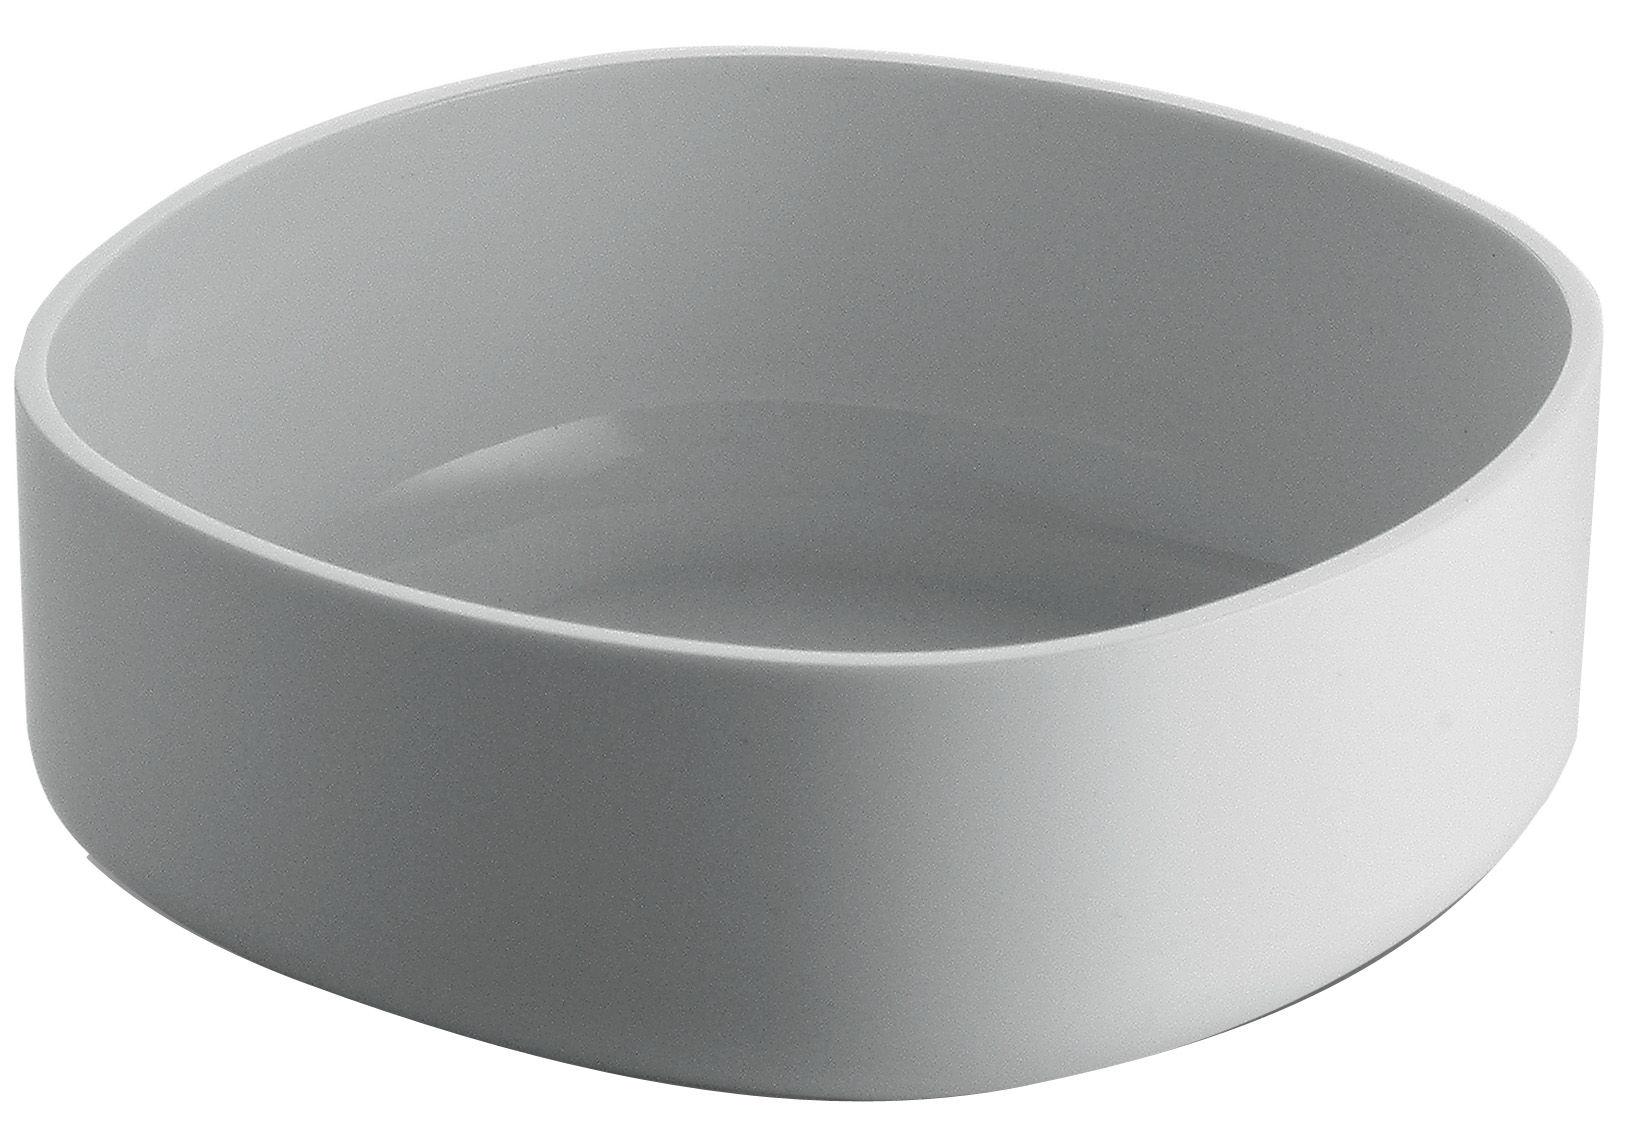 Dekoration - Badezimmer - Birillo Schale - Alessi - Weiß - PMMA